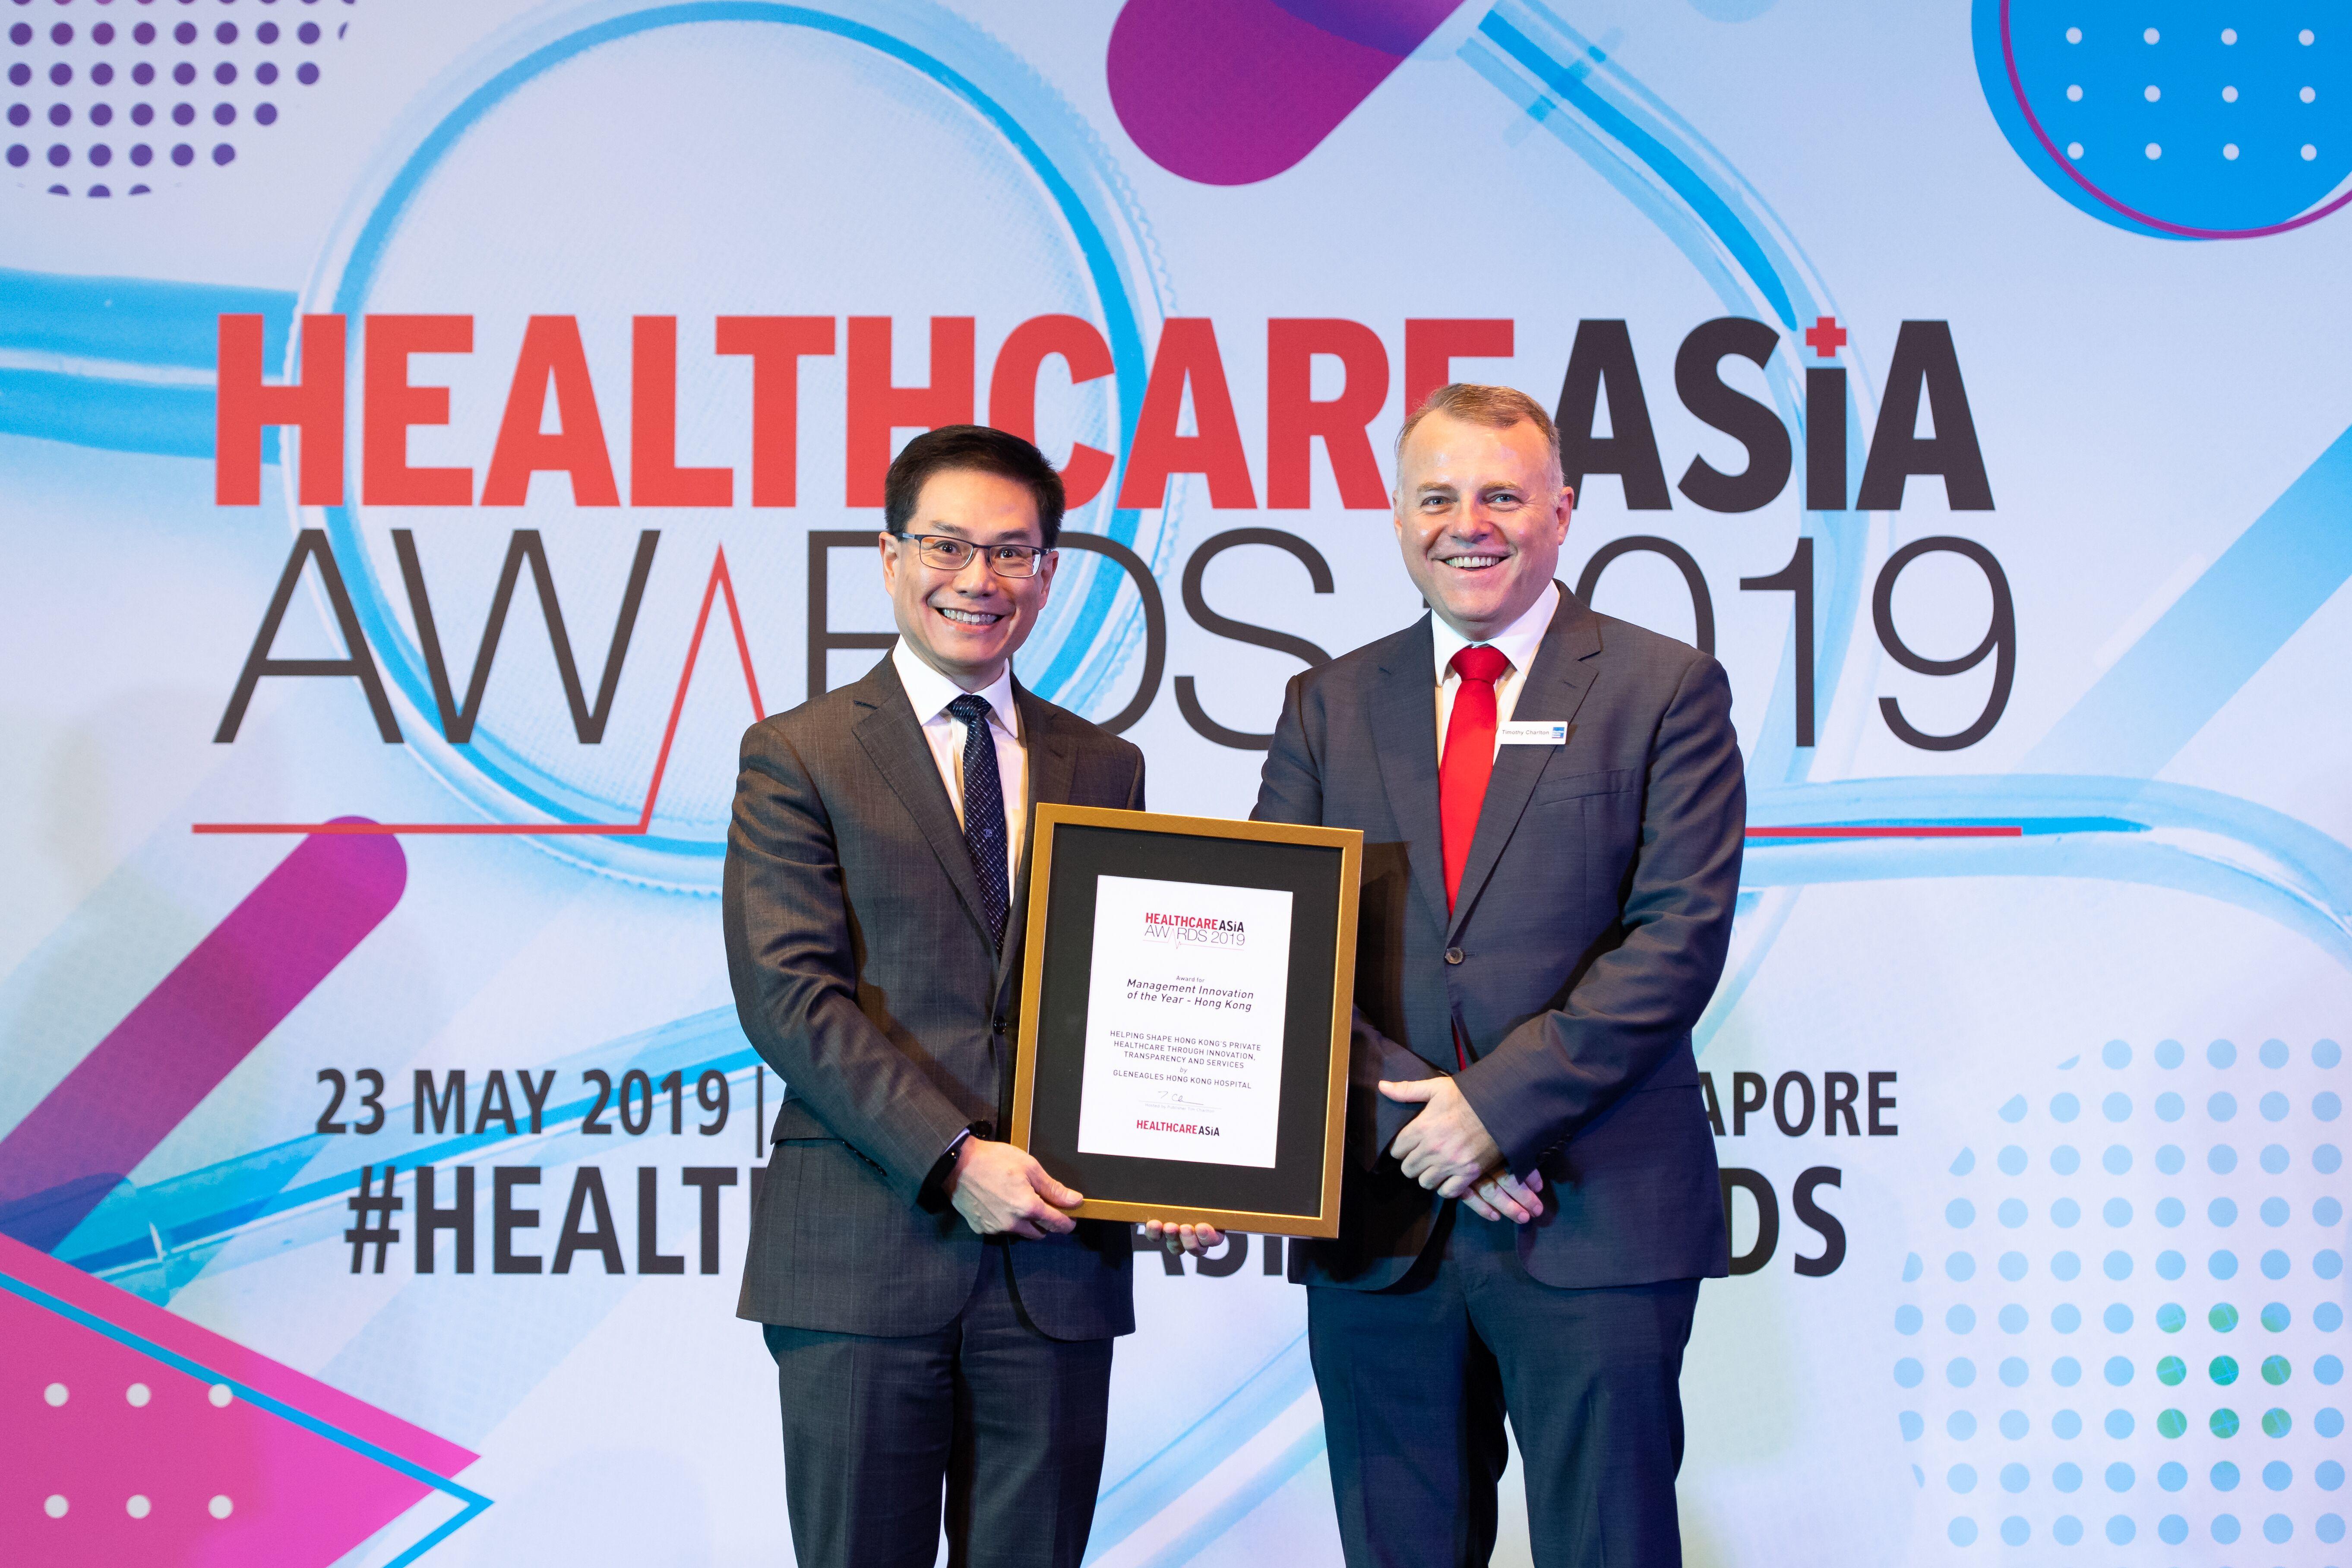 GHK_HealthcareAsiaAwards2019.jpeg#asset:58453